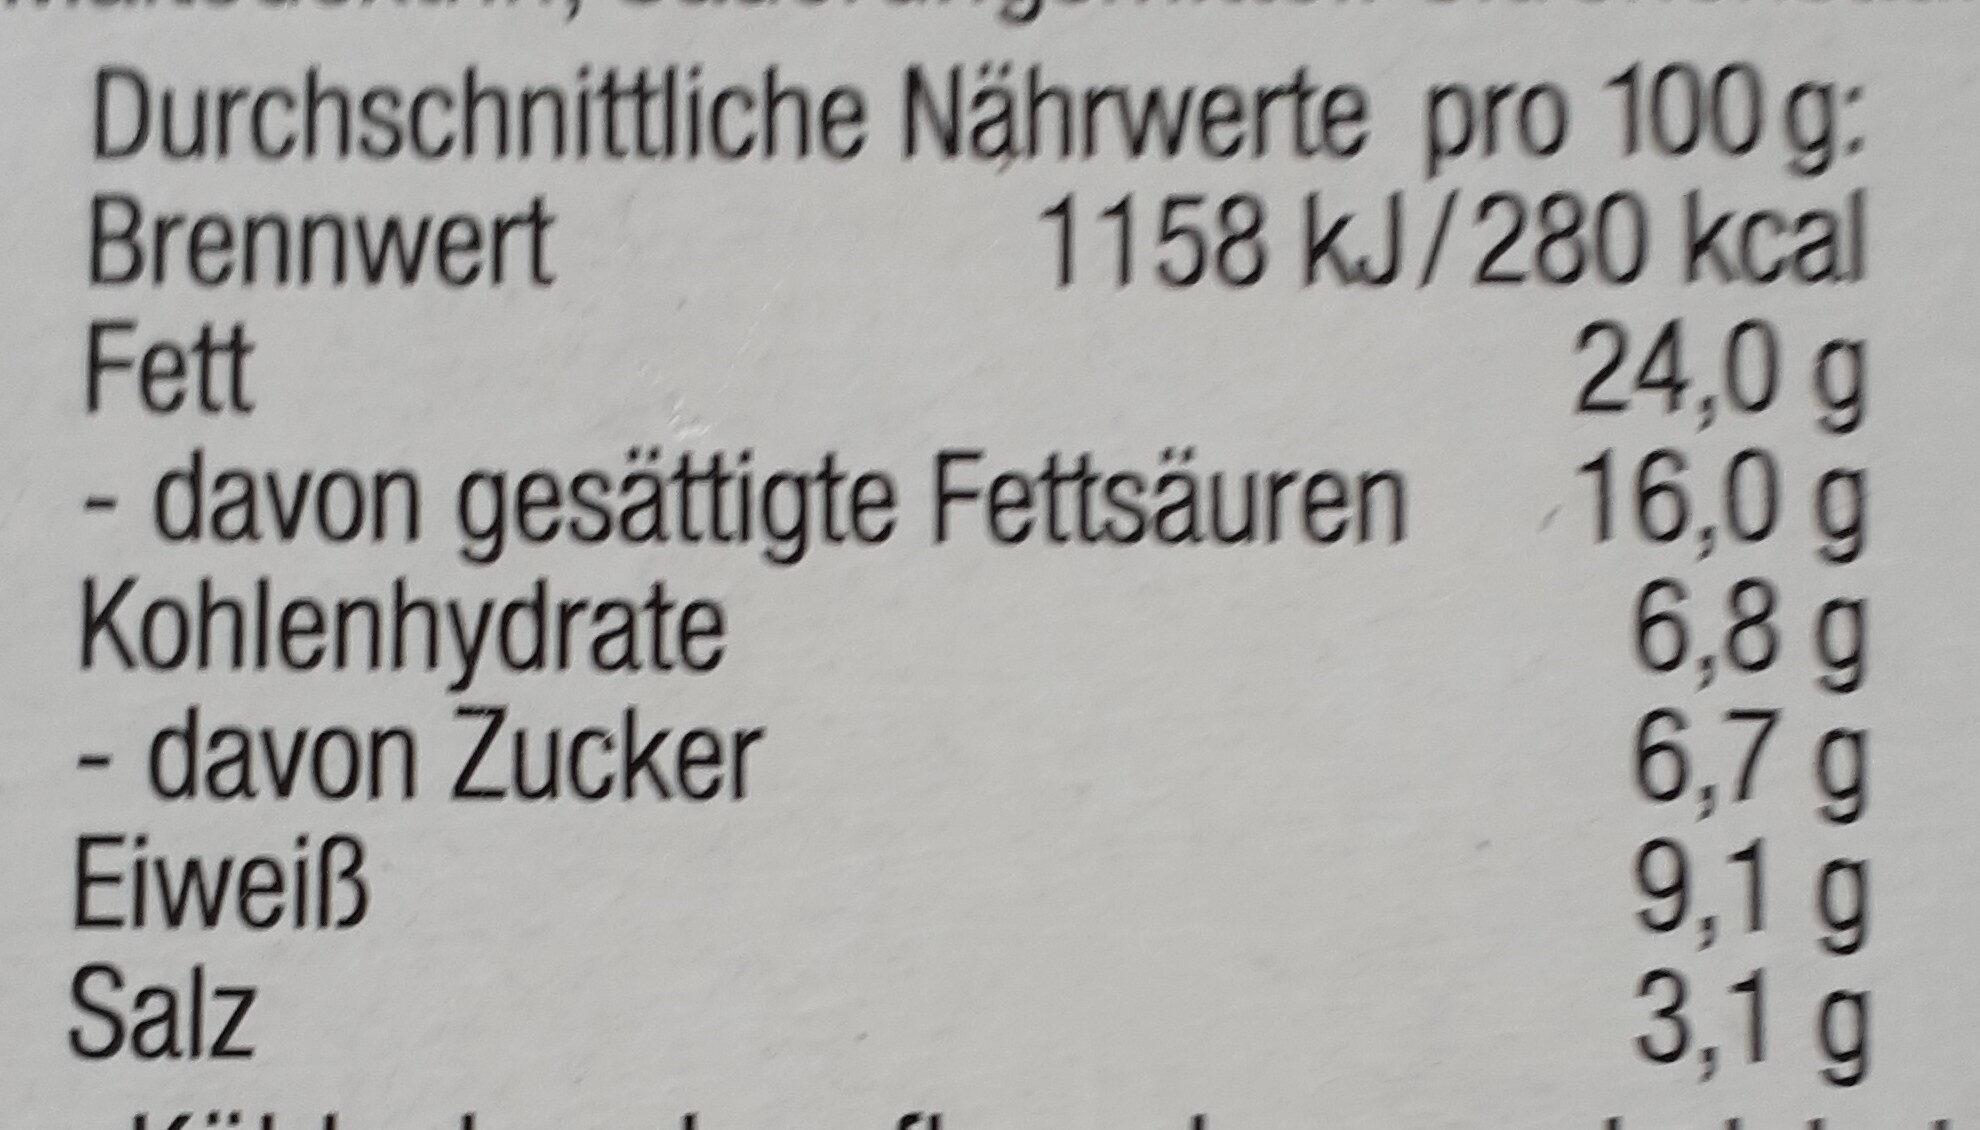 8 Mix Ecken Schmelzkäsezubereitung - Nutrition facts - de